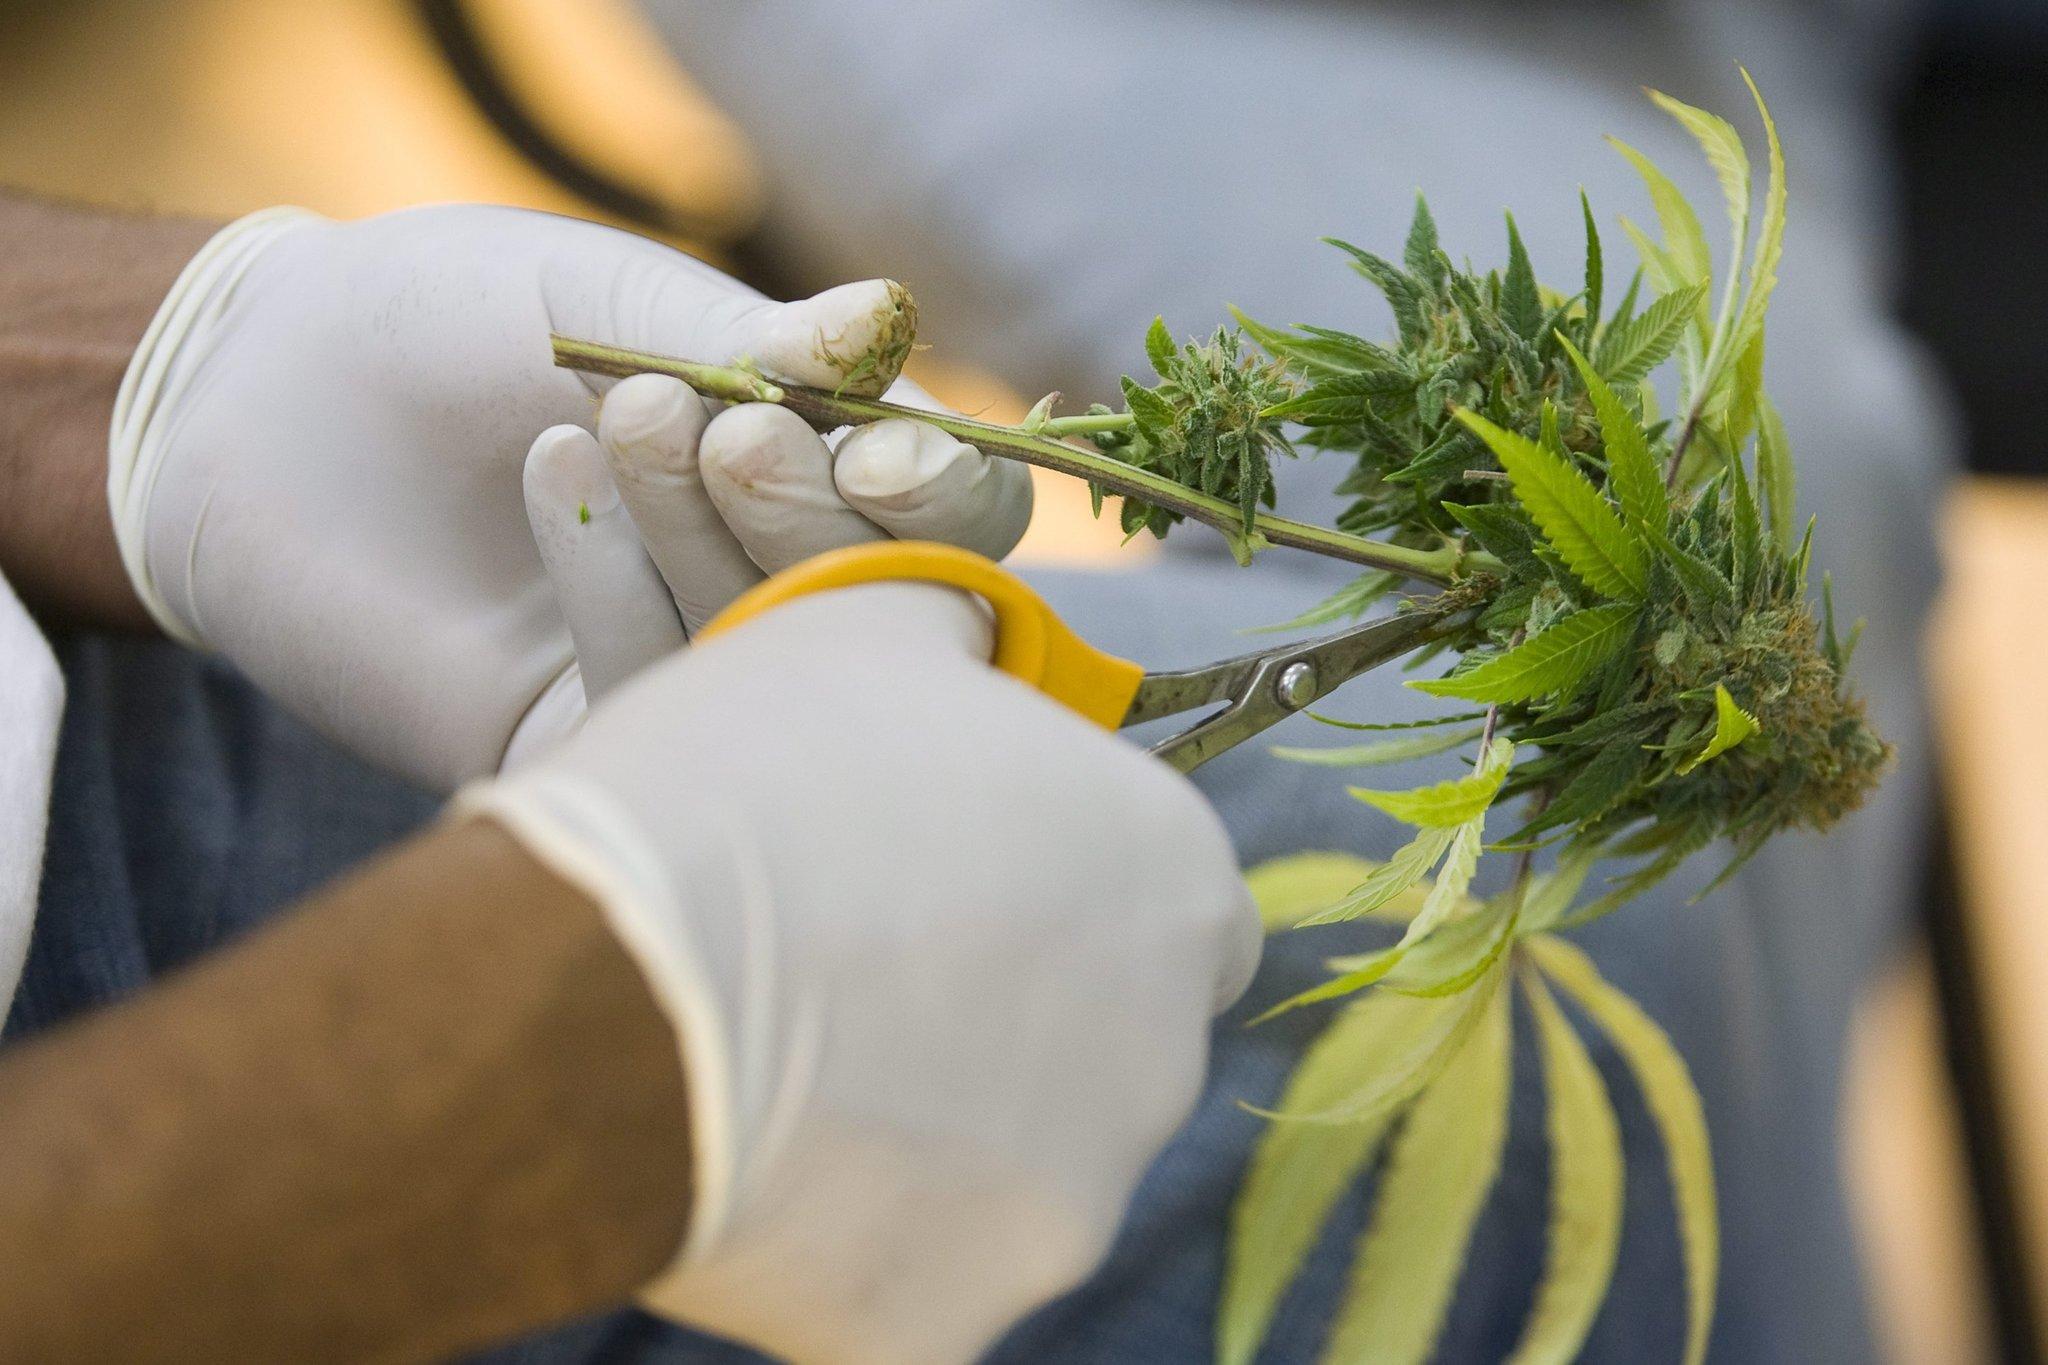 marihuana-kalifornia-medyczna-za-darmo-dla-biednych